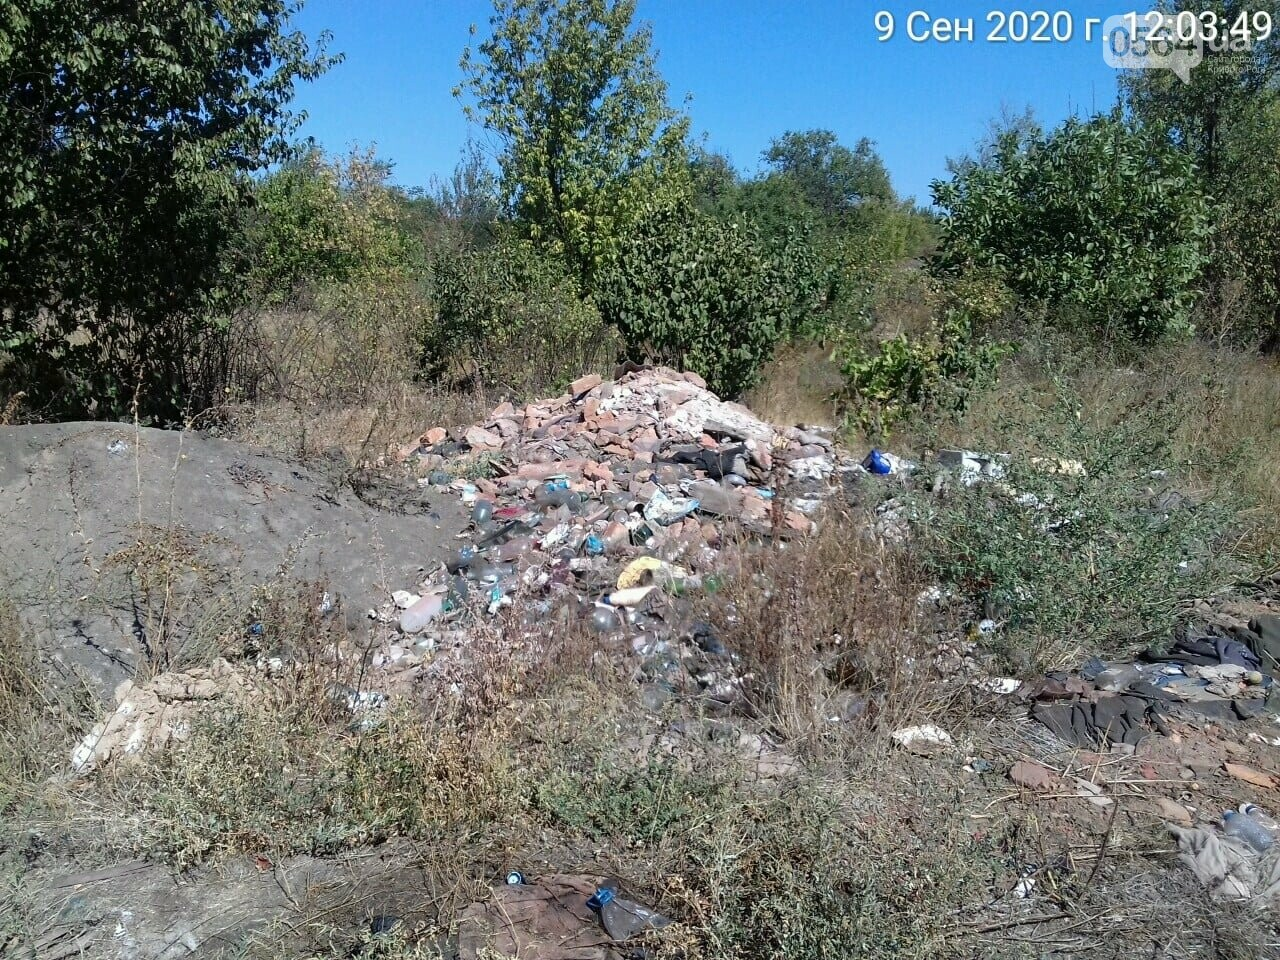 Криворожские экологи обнаружили мусорные свалки на территории промышленных площадок предприятия, - ФОТО , фото-2